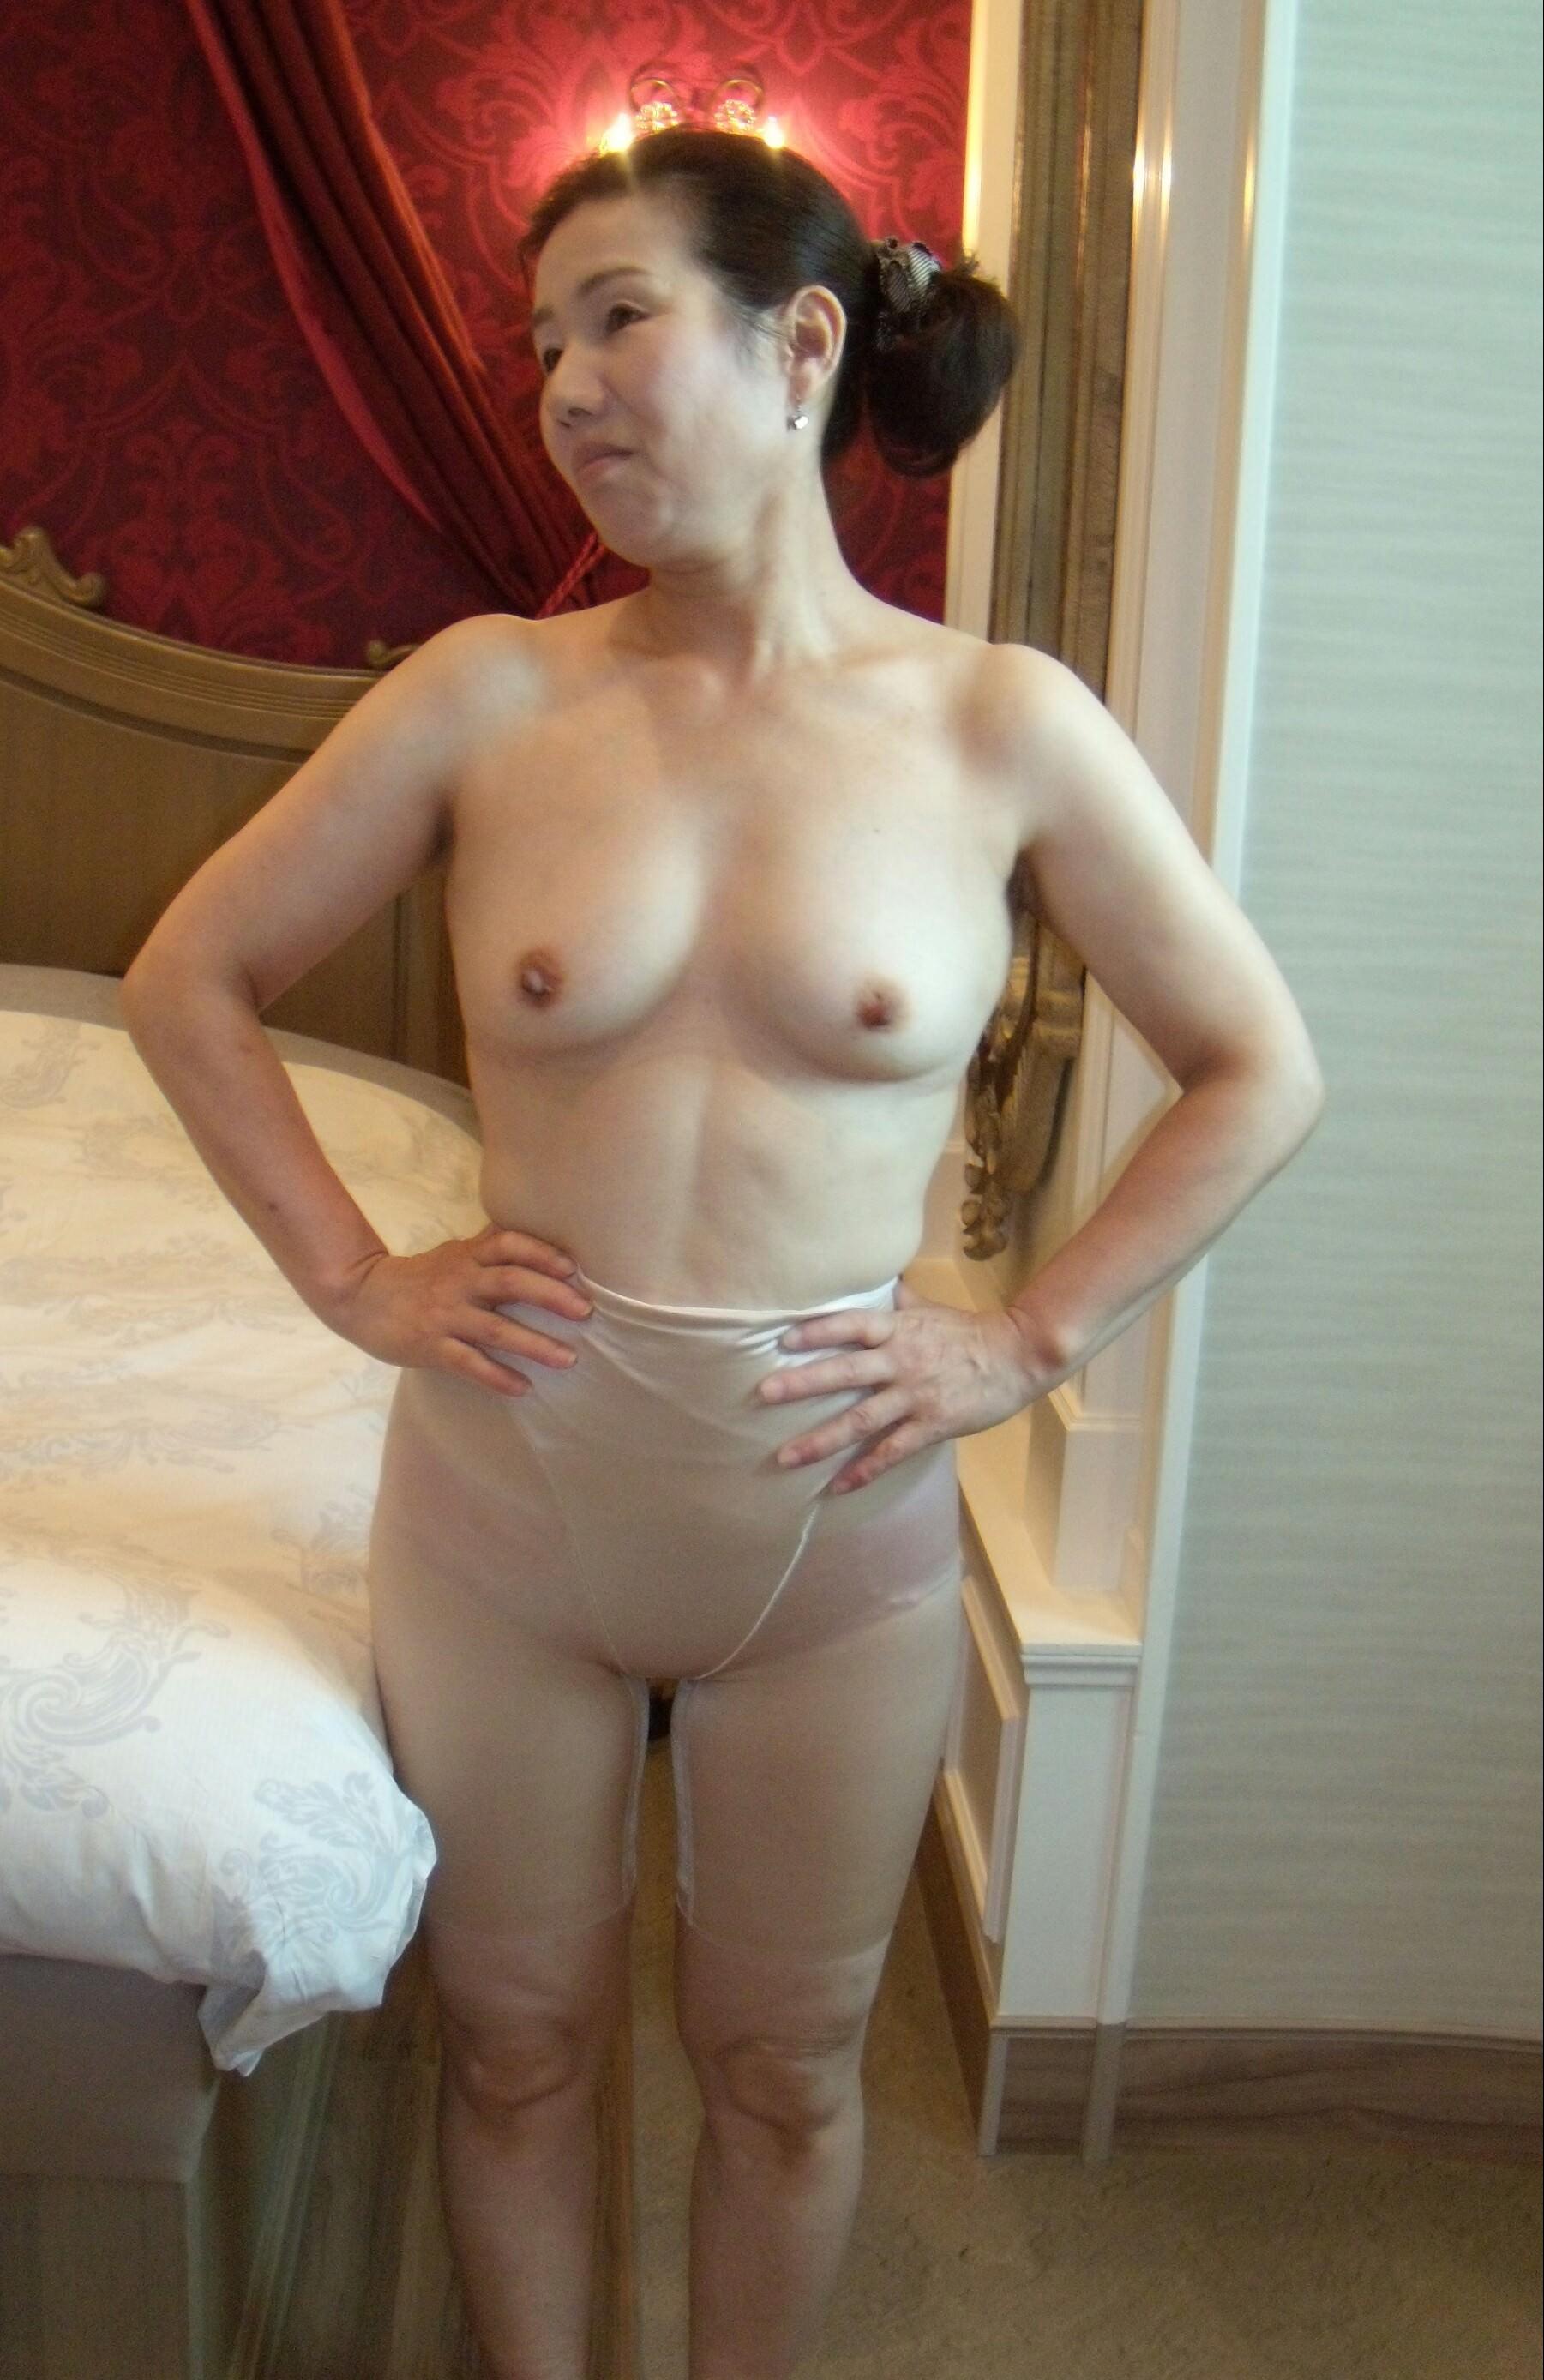 50代熟女でも衰えないセクシーボディの全裸エロ画像wwwwwwww 3019